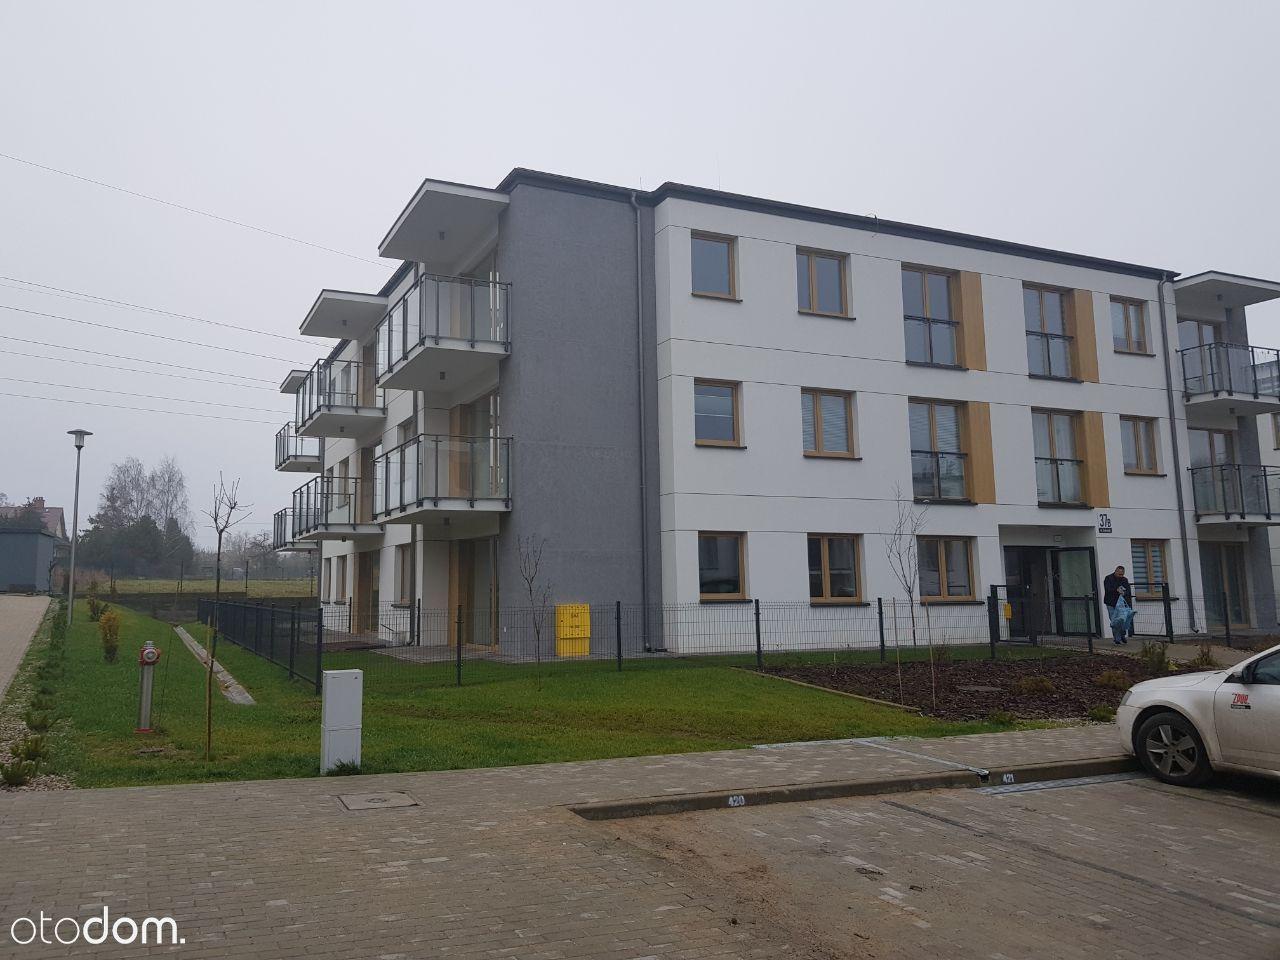 Nowe Mieszkanie na Jedynym Takim Osiedlu w Mławie!